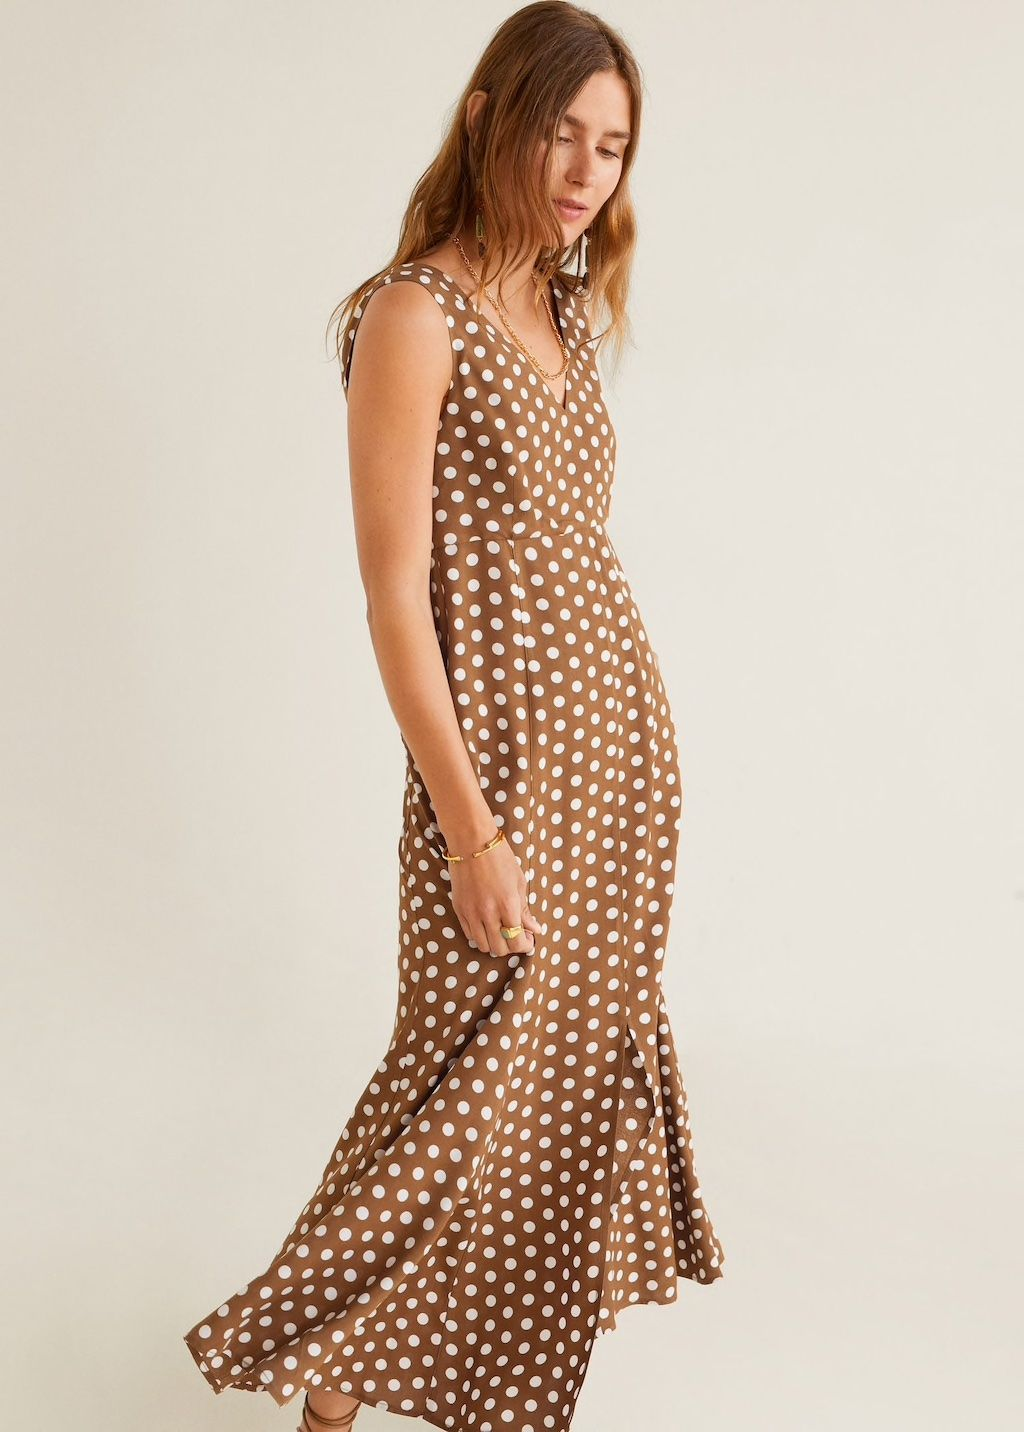 M/&S NEW BLUE//BLACK PRINT BARDOT STYLE MAXI  DRESS SIZES 10-22 PER UNA